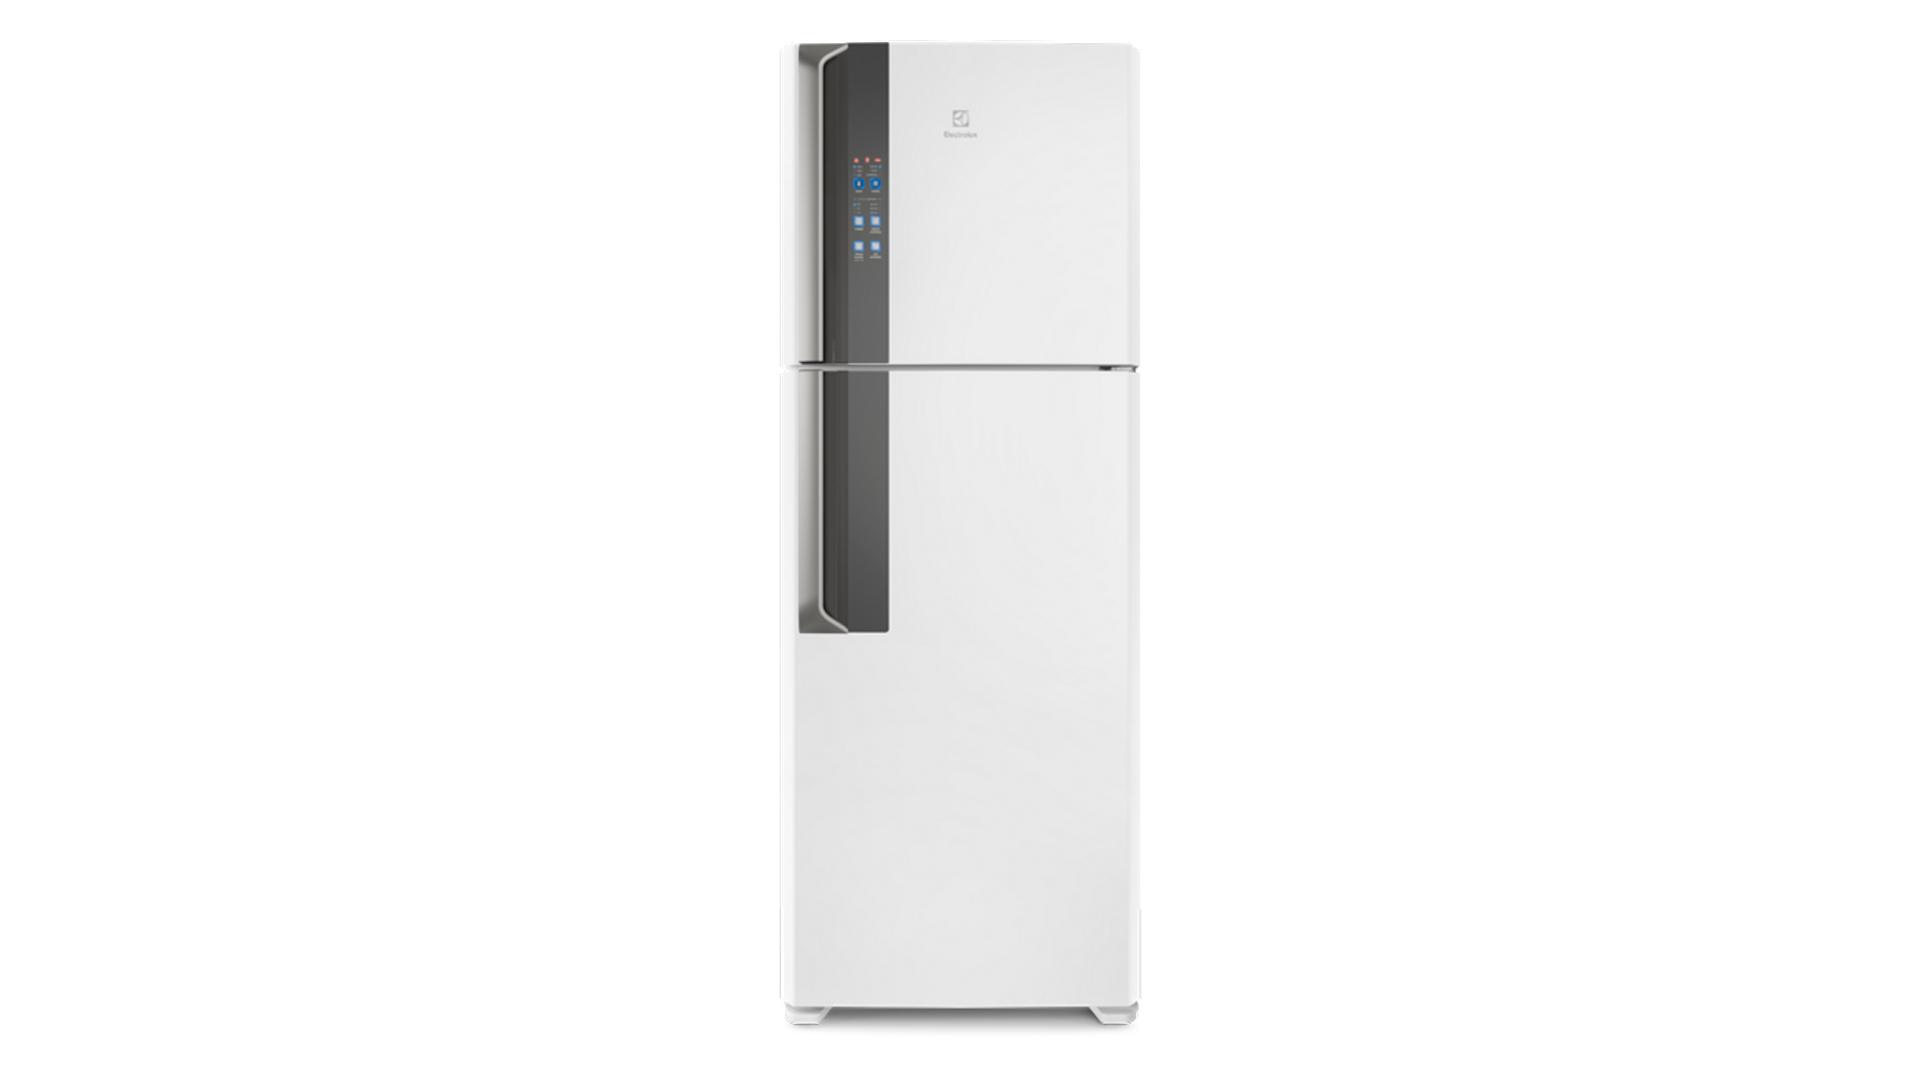 Veja se vale a pena comprar a geladeira Electrolux DF56! (Imagem: Divulgação/Electrolux)